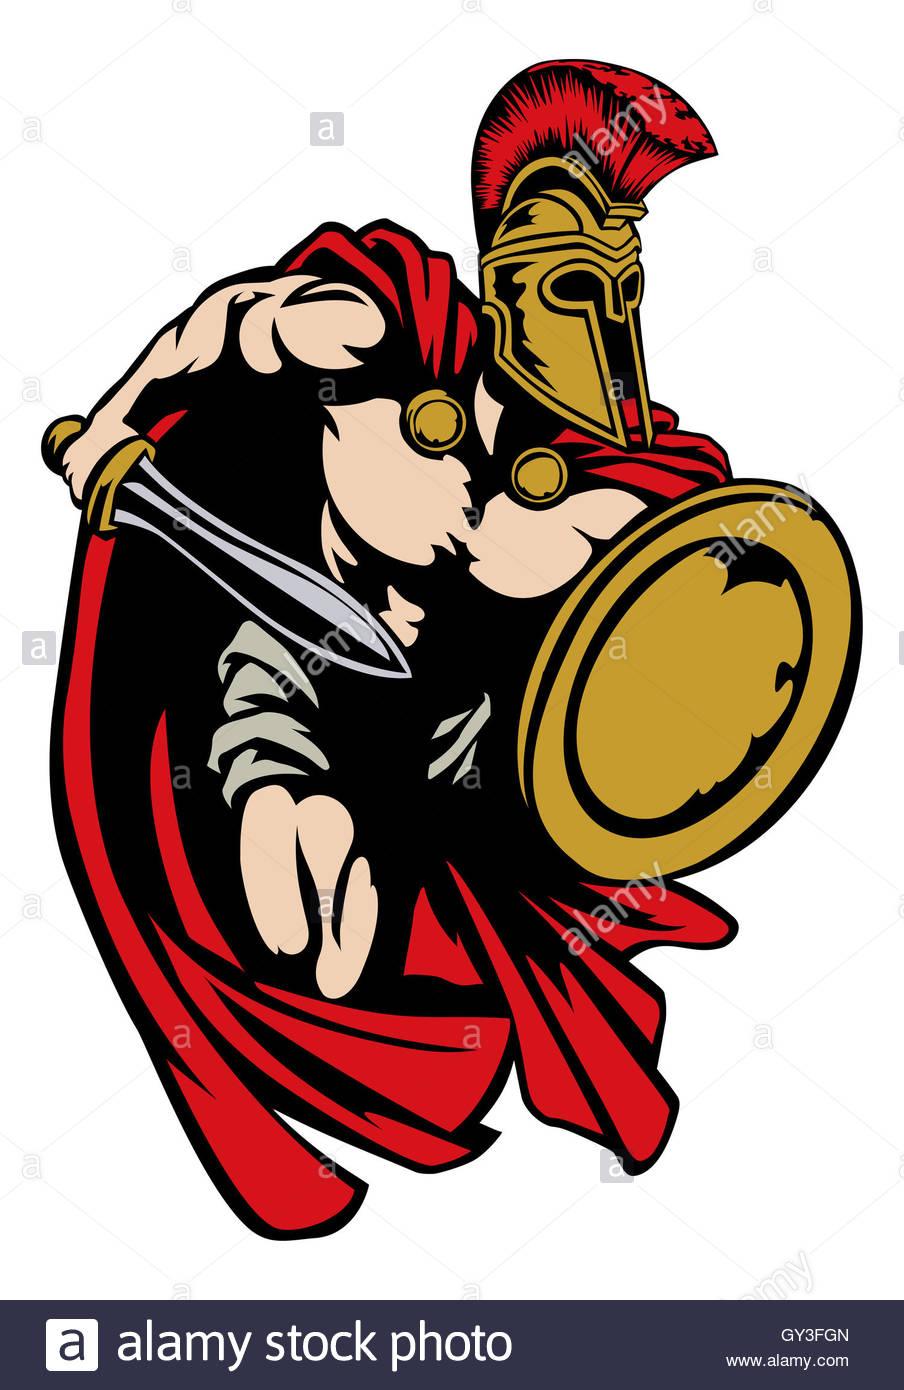 904x1390 Spartan, Roman Or Trojan Gladiator Ancient Greek Warrior